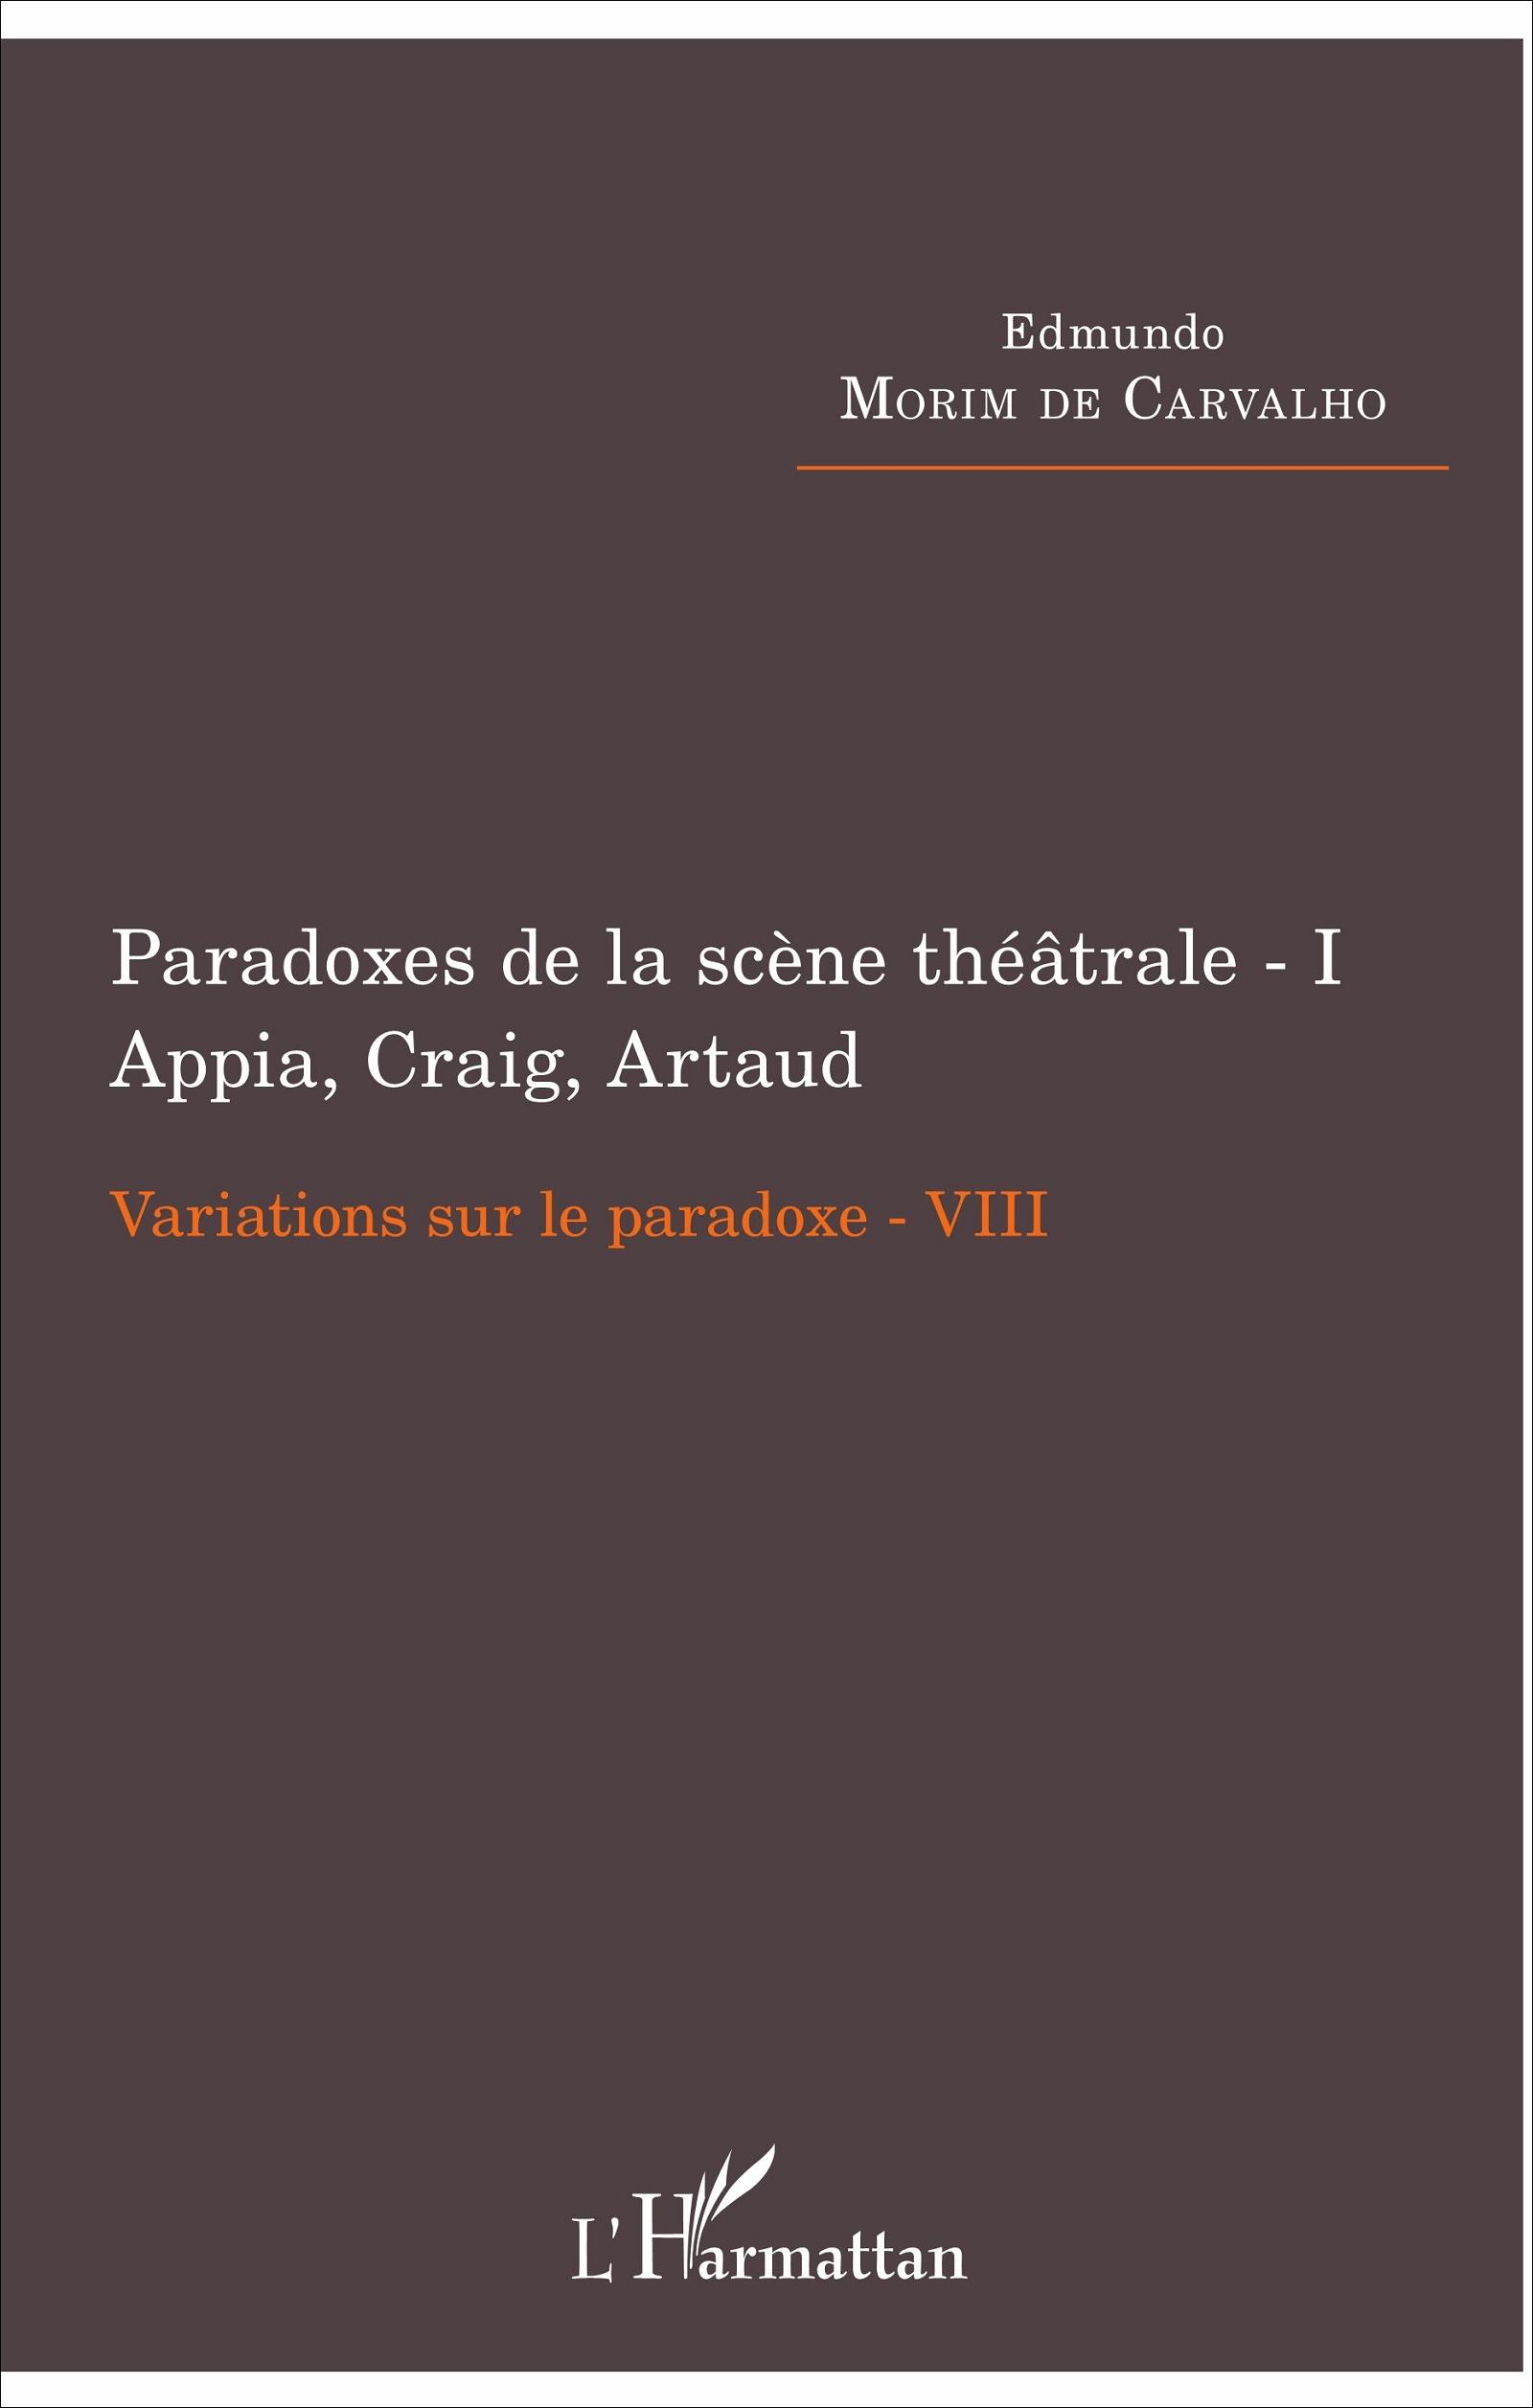 Paradoxes de la